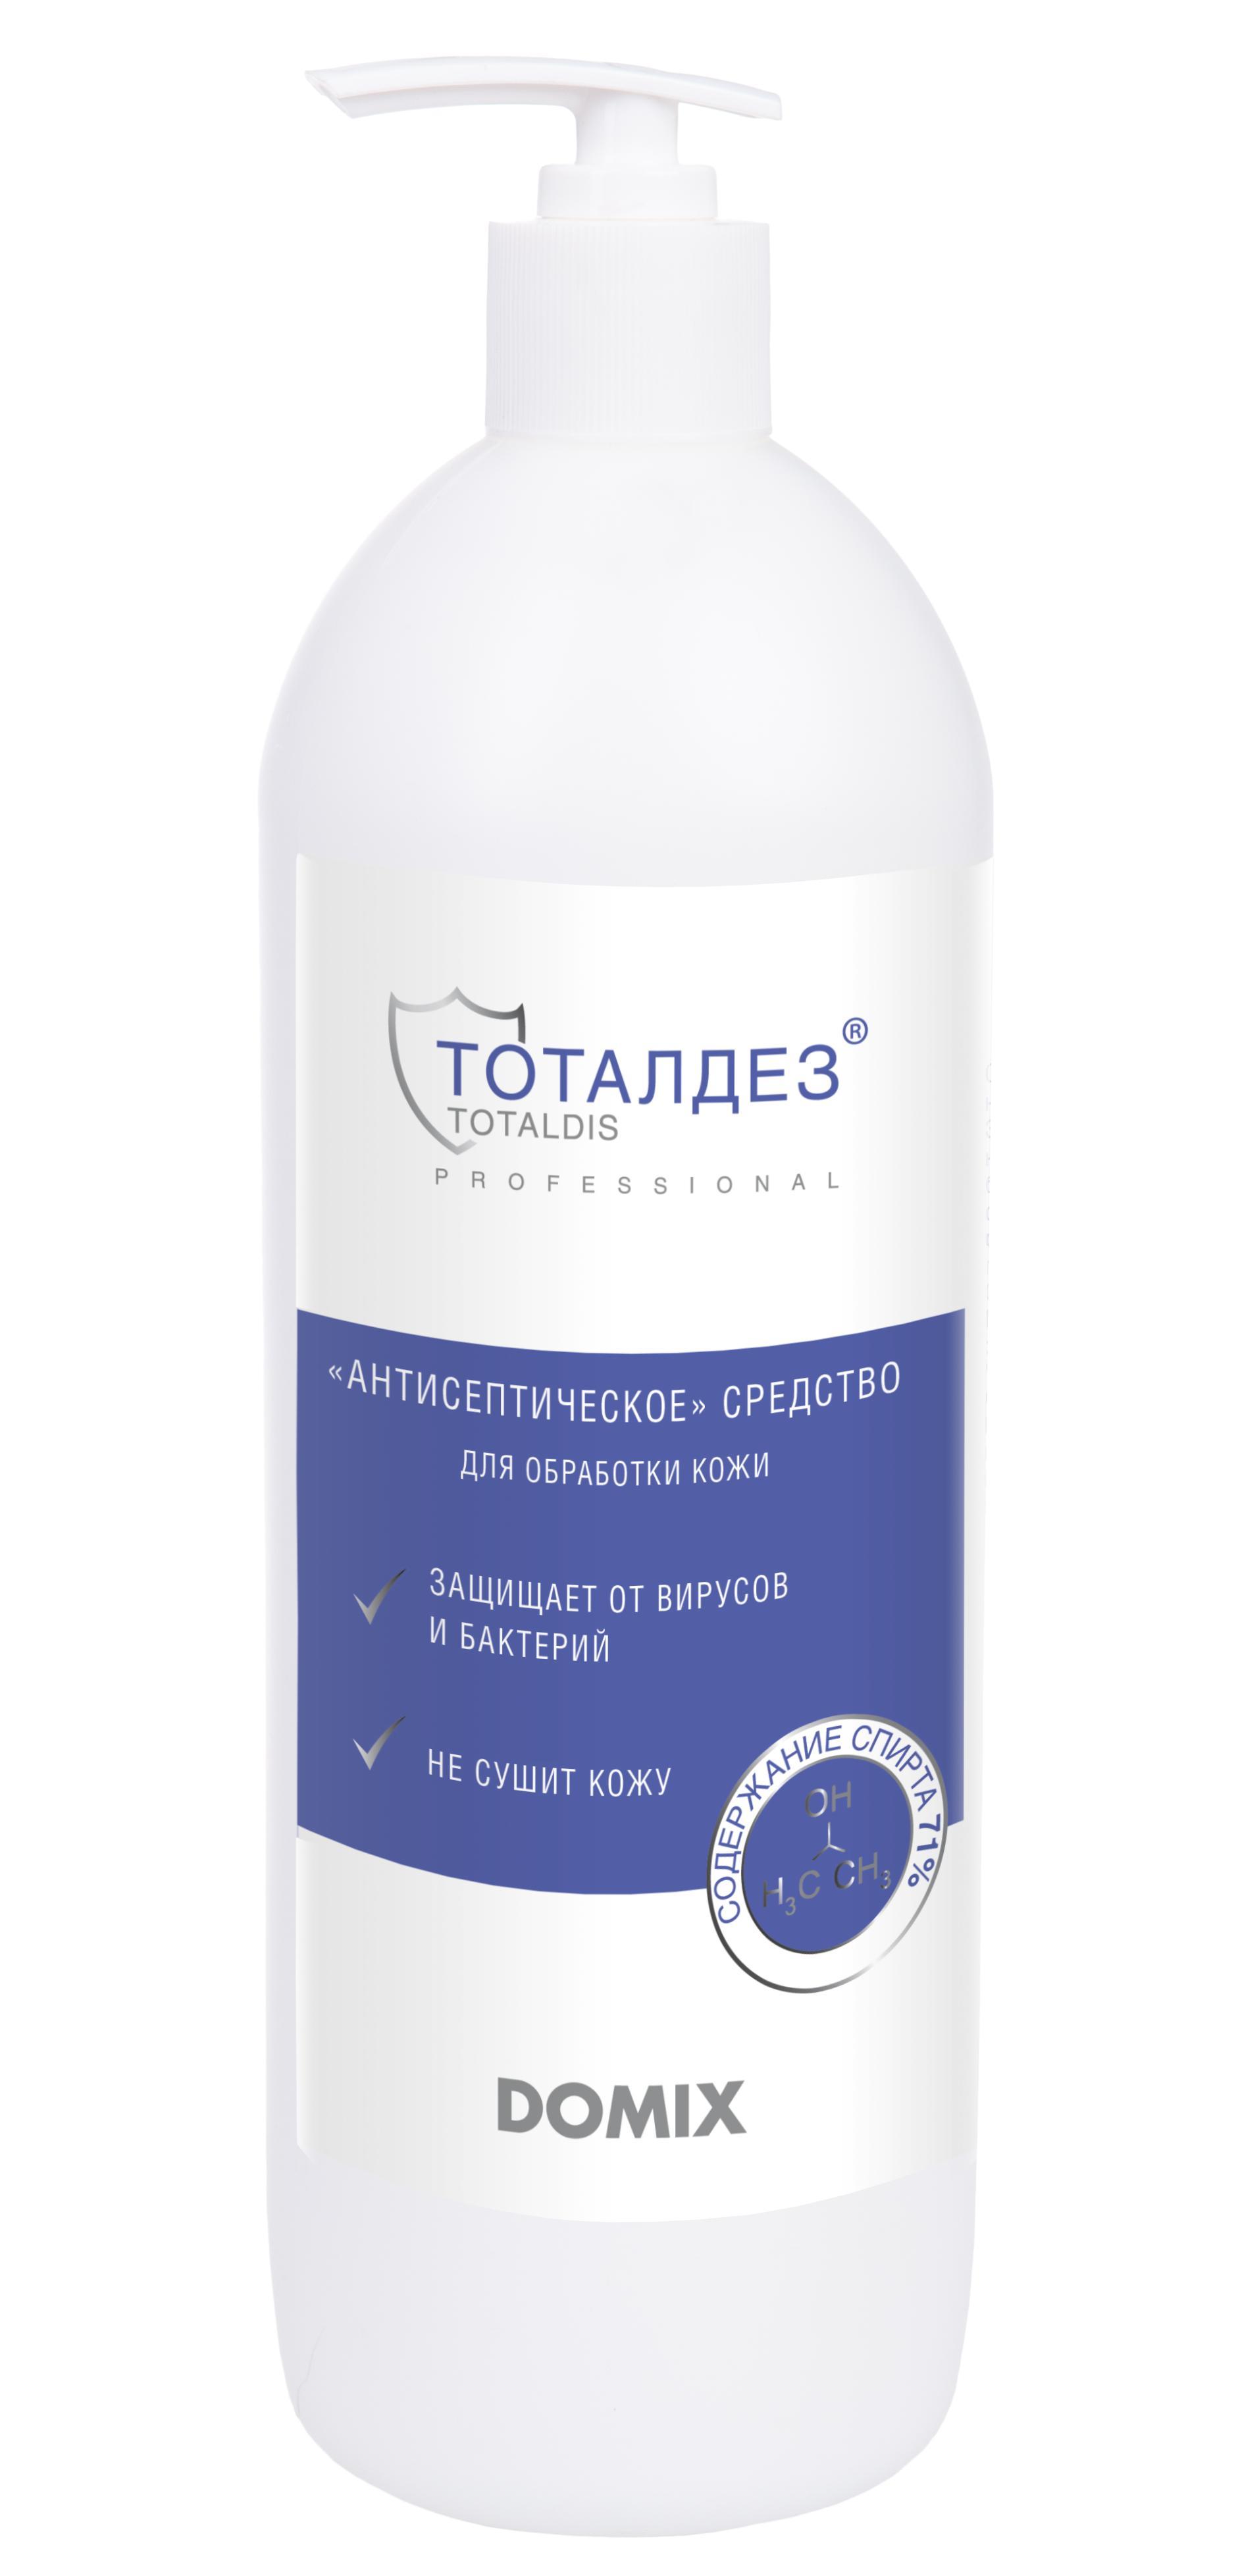 Купить DOMIX GREEN PROFESSIONAL Средство антисептическое Тоталдез, изопропиловый спирт 71% 1000 мл